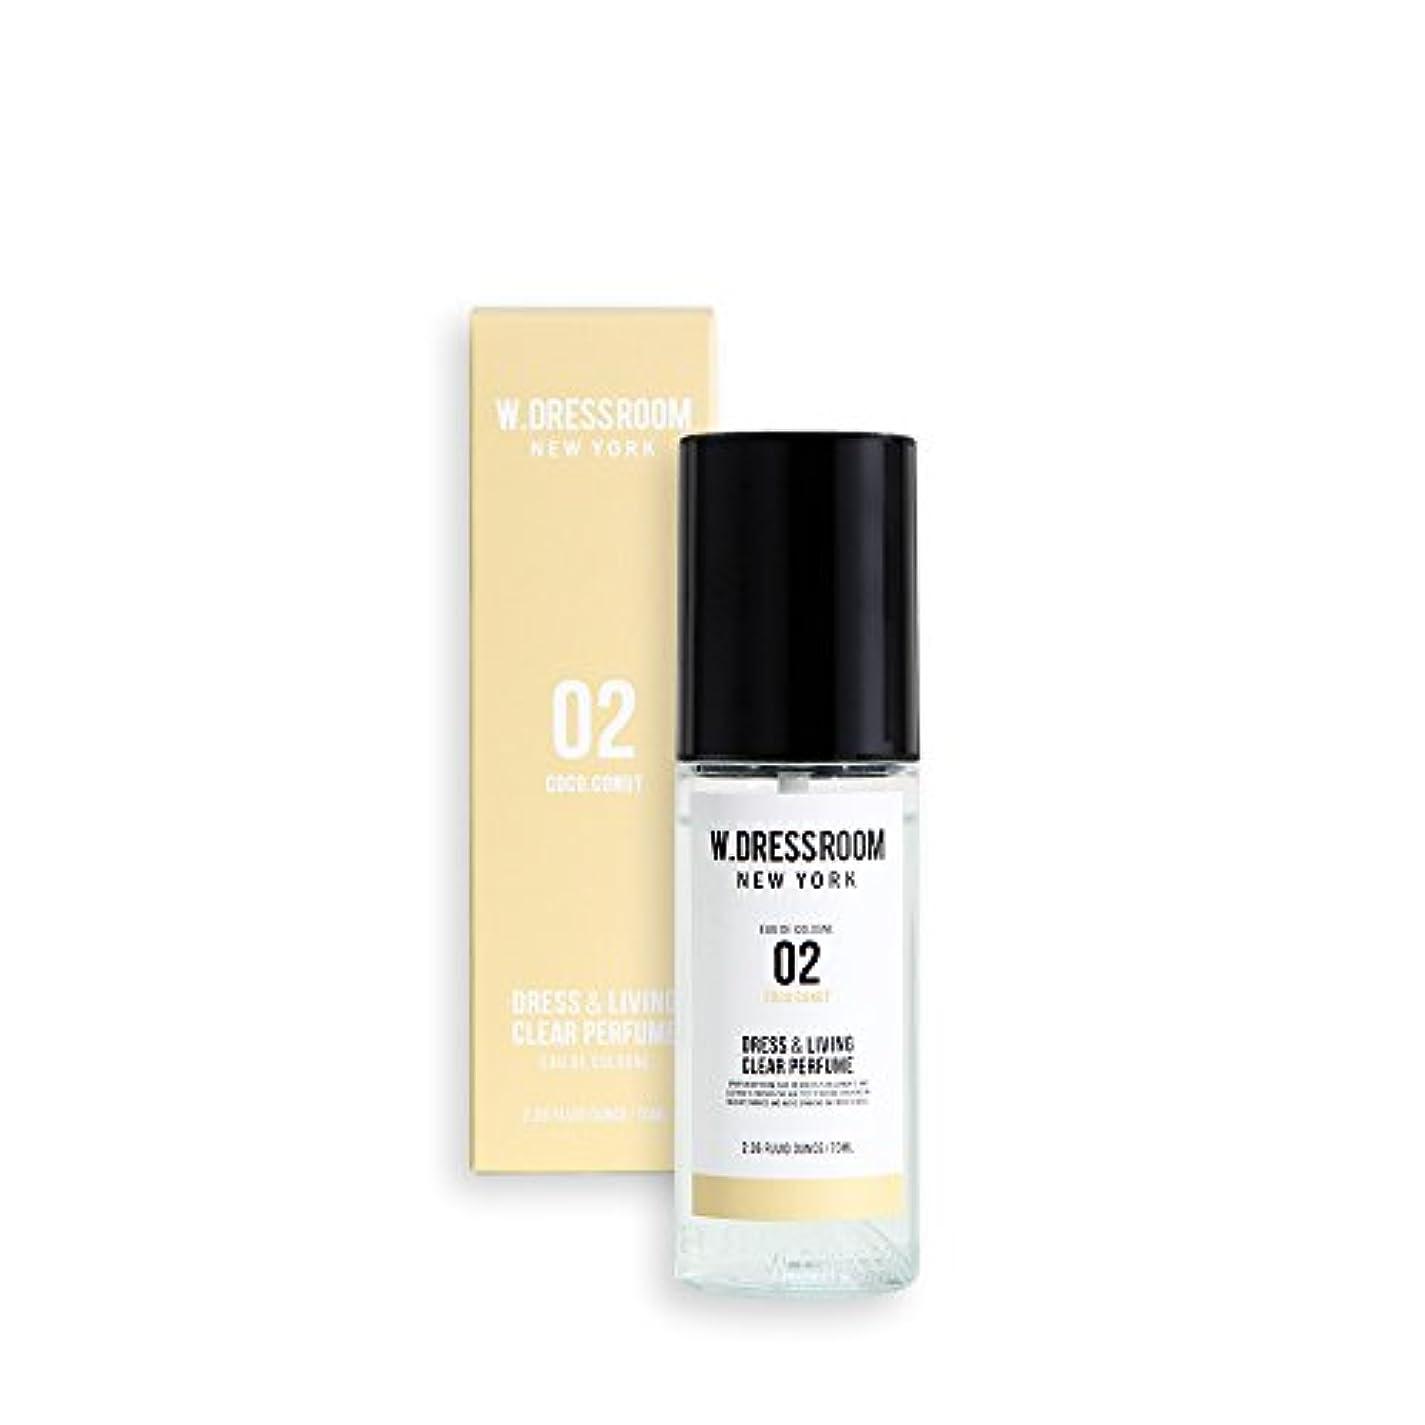 ブリークマサッチョ乱雑なW.DRESSROOM Dress & Living Clear Perfume 70ml/ダブルドレスルーム ドレス&リビング クリア パフューム 70ml (#No.02 Coco Conut) [並行輸入品]